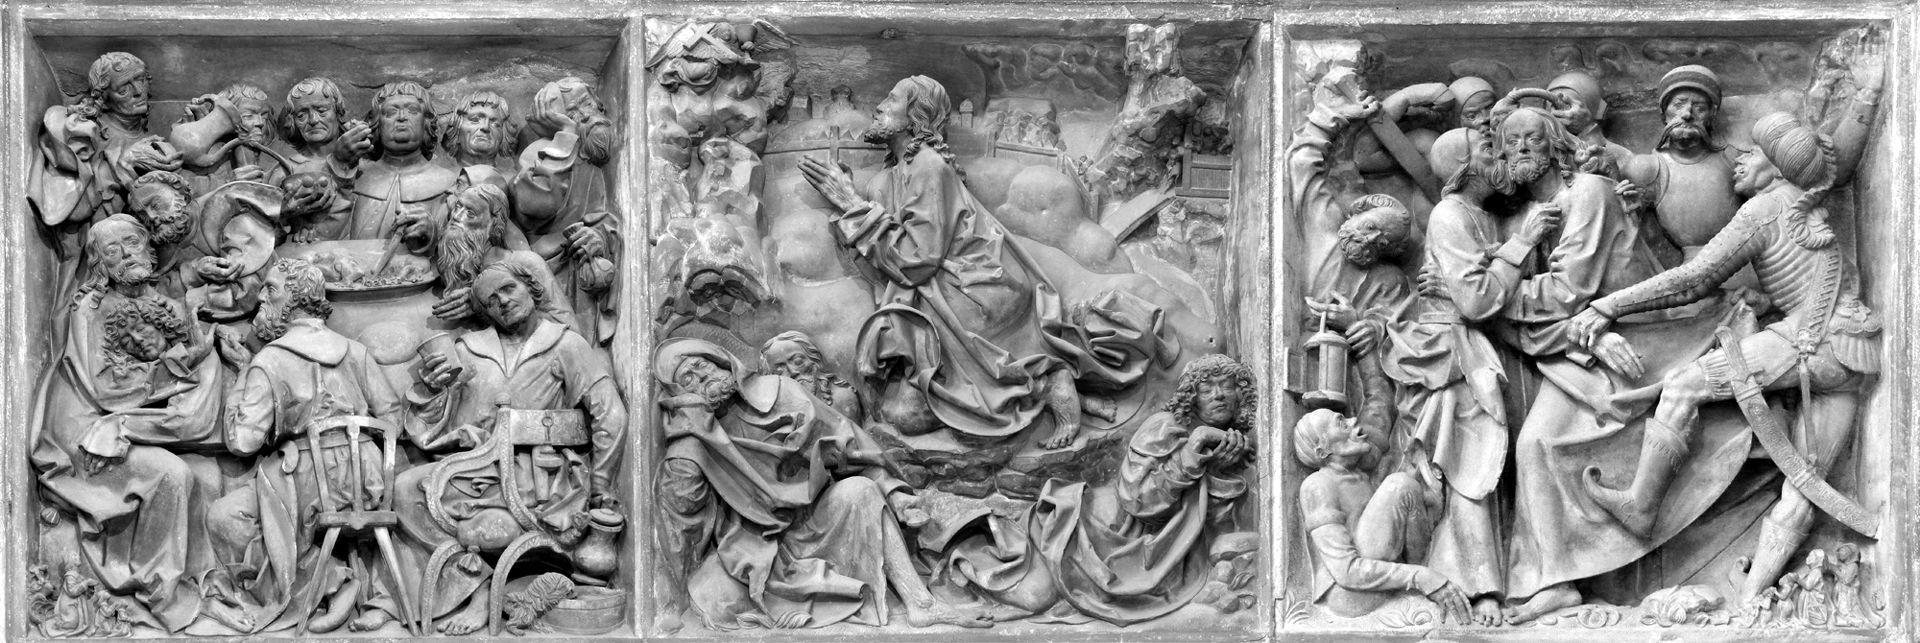 Volckamersche Gedächtsnisstiftung, Reliefplatten Reliefplatten von l. nach r.: Letztes Abendmahl, Ölberggebet, Gefangennahme